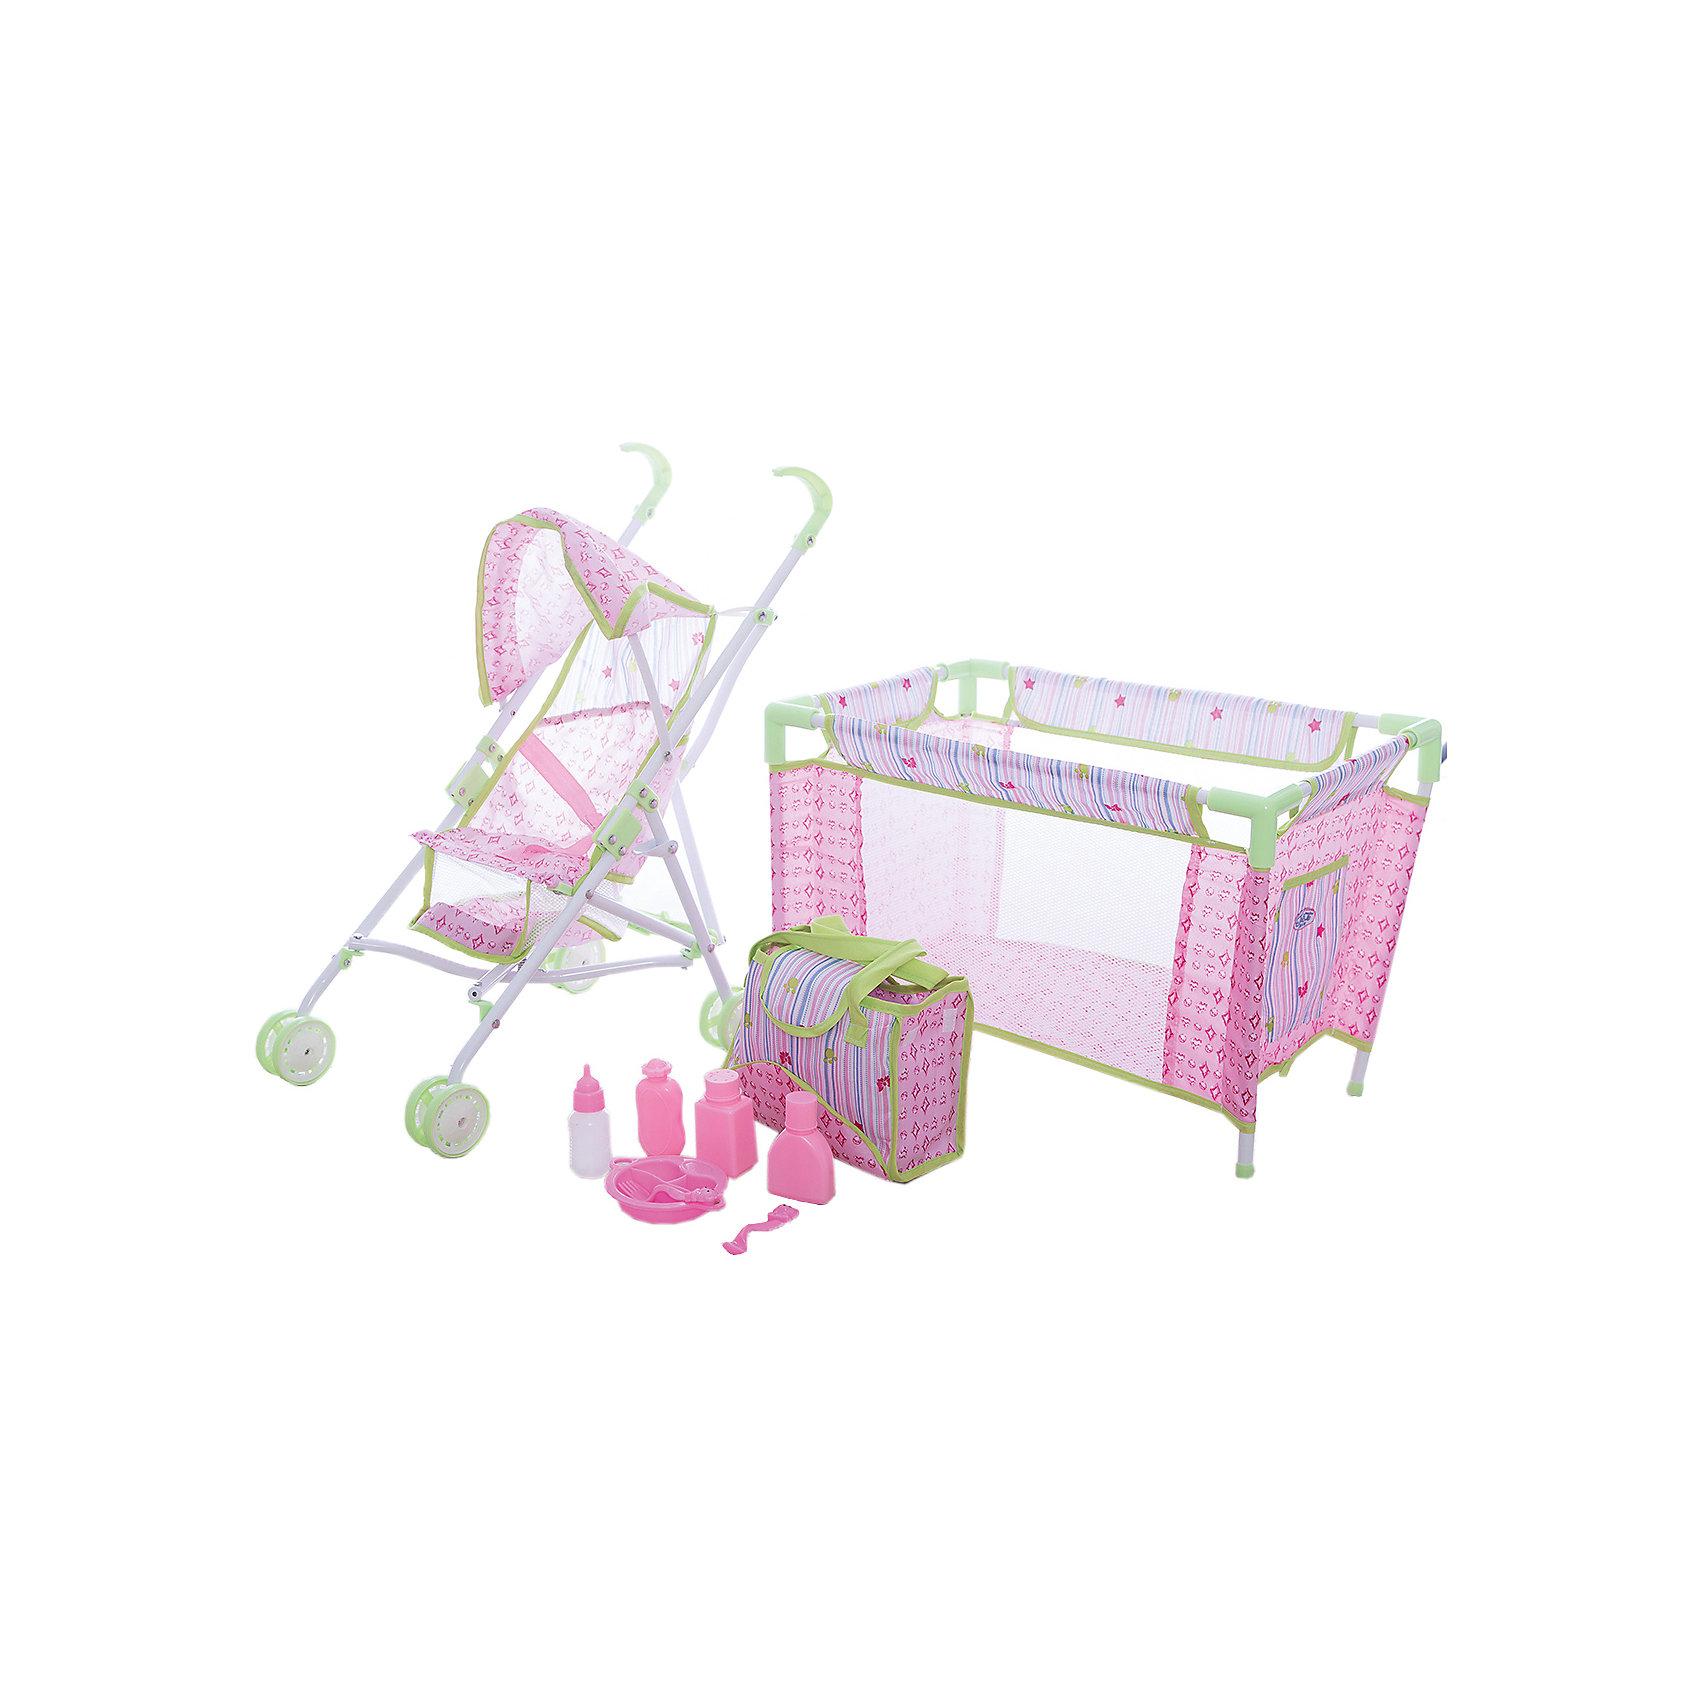 Игровой набор Deluxe Кроватка с коляской, Mary PoppinsКоляски и транспорт для кукол<br>Игровой набор Deluxe Кроватка с коляской, Mary Poppins.<br><br>Характеристики:<br><br>• Комплектация: коляска, кроватка, сумка с аксессуарами<br>• Материал: пластик, текстиль<br>• Упаковка: картонная коробка<br><br>Игровой набор Deluxe - включает в себя кроватку, коляску и сумочку с аксессуарами. Набор отлично подойдет для сюжетно-ролевых игр в «дочки-матери». Любимую куклу можно сначала вывести на прогулку, посадив в удобную коляску. Затем покормить ее из бутылочки. А уже дома, когда куклу немного утомит прогулка, уложить спать в кроватку. Ваша девочка, несомненно, будет рада такому набору, каждый день, представляя себя маленькой мамой, заботящейся о своем малыше.<br><br>Игровой набор Deluxe Кроватка с коляской, Mary Poppins можно купить в нашем интернет-магазине.<br><br>Ширина мм: 622<br>Глубина мм: 140<br>Высота мм: 400<br>Вес г: 2375<br>Возраст от месяцев: 24<br>Возраст до месяцев: 2147483647<br>Пол: Женский<br>Возраст: Детский<br>SKU: 5402757